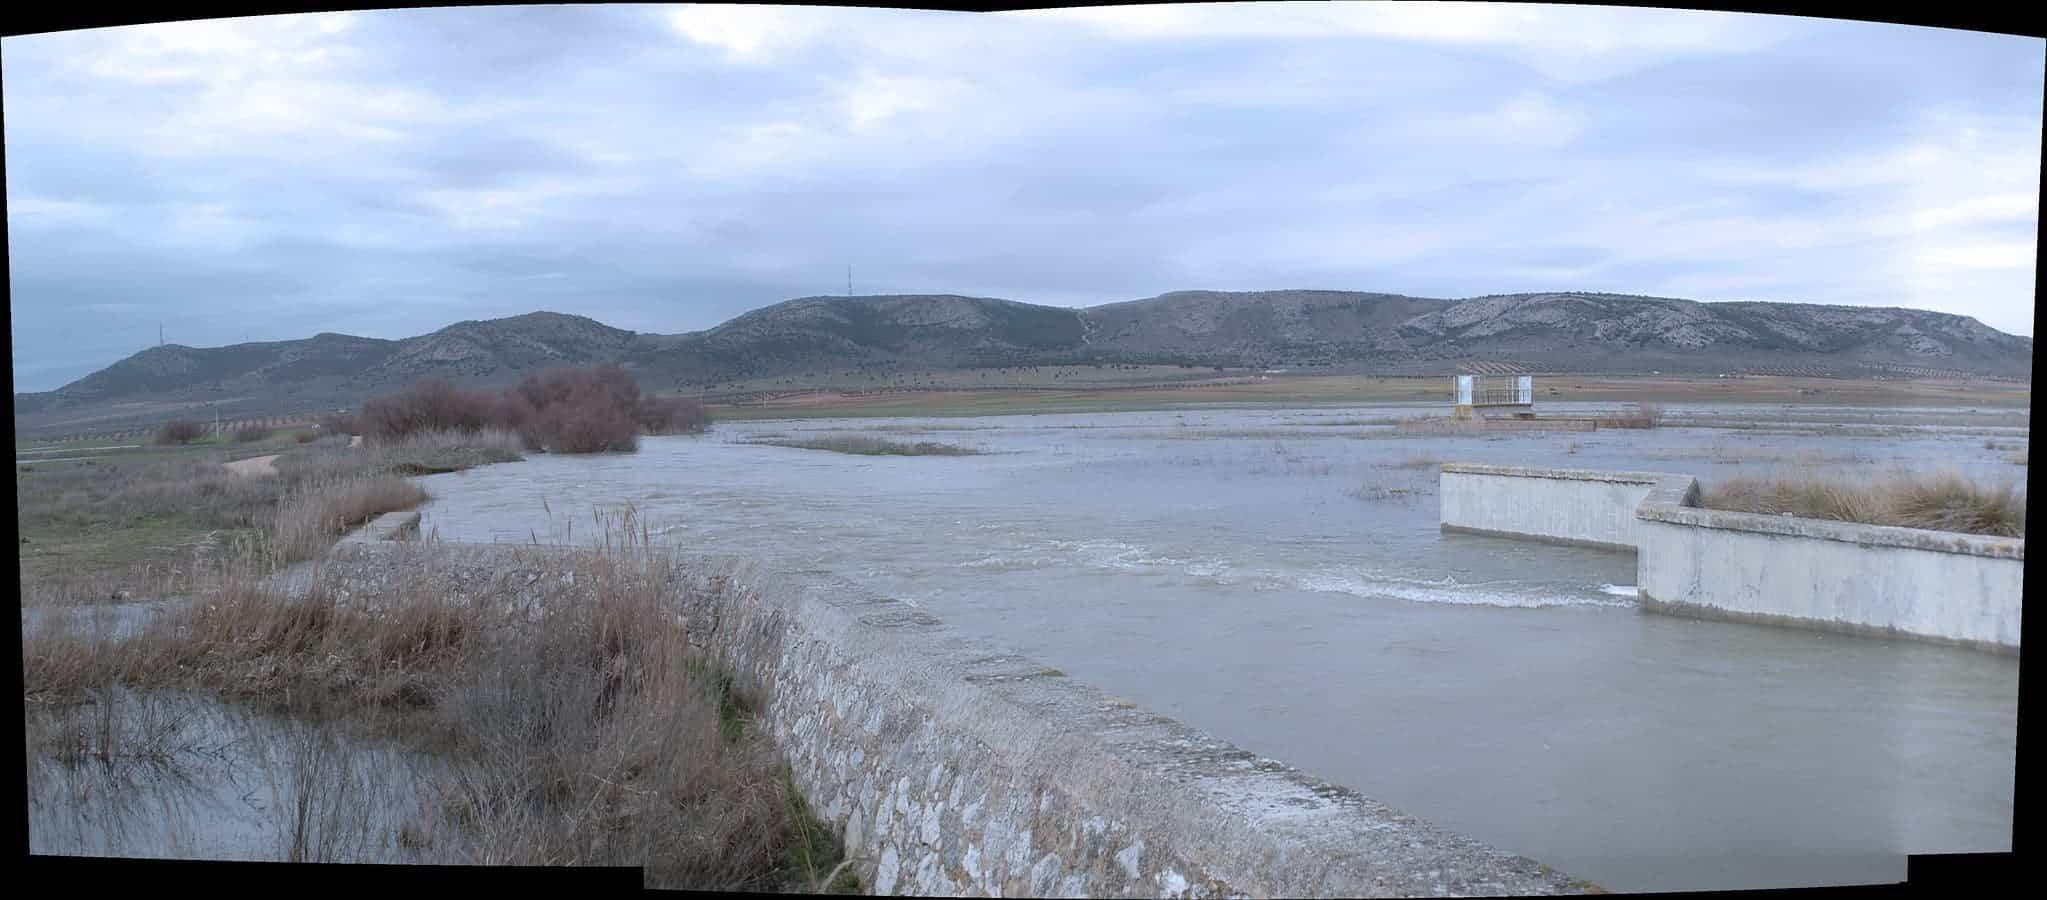 Herencia en el concurso para elegir El Pueblo más bonito de Castilla-La Mancha 2020 30